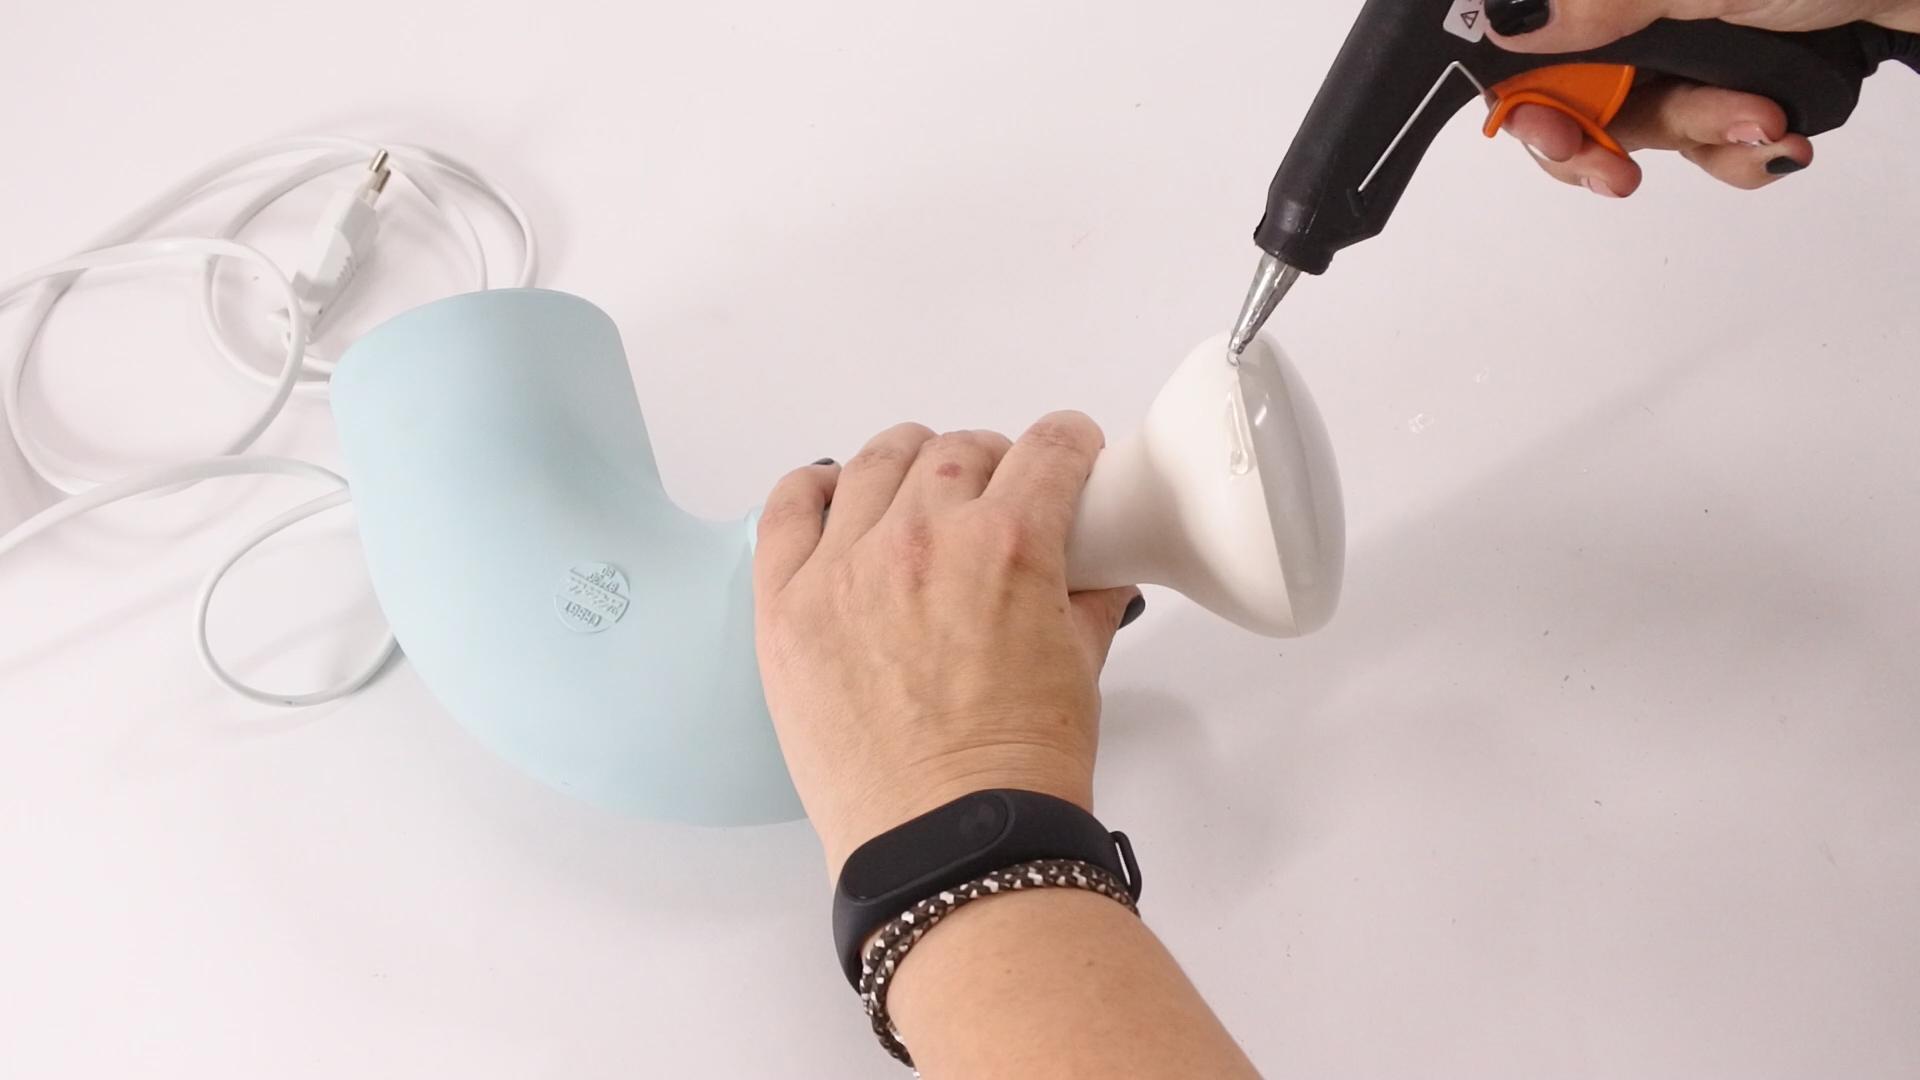 DIY CODOS PVC.Imagen fija020